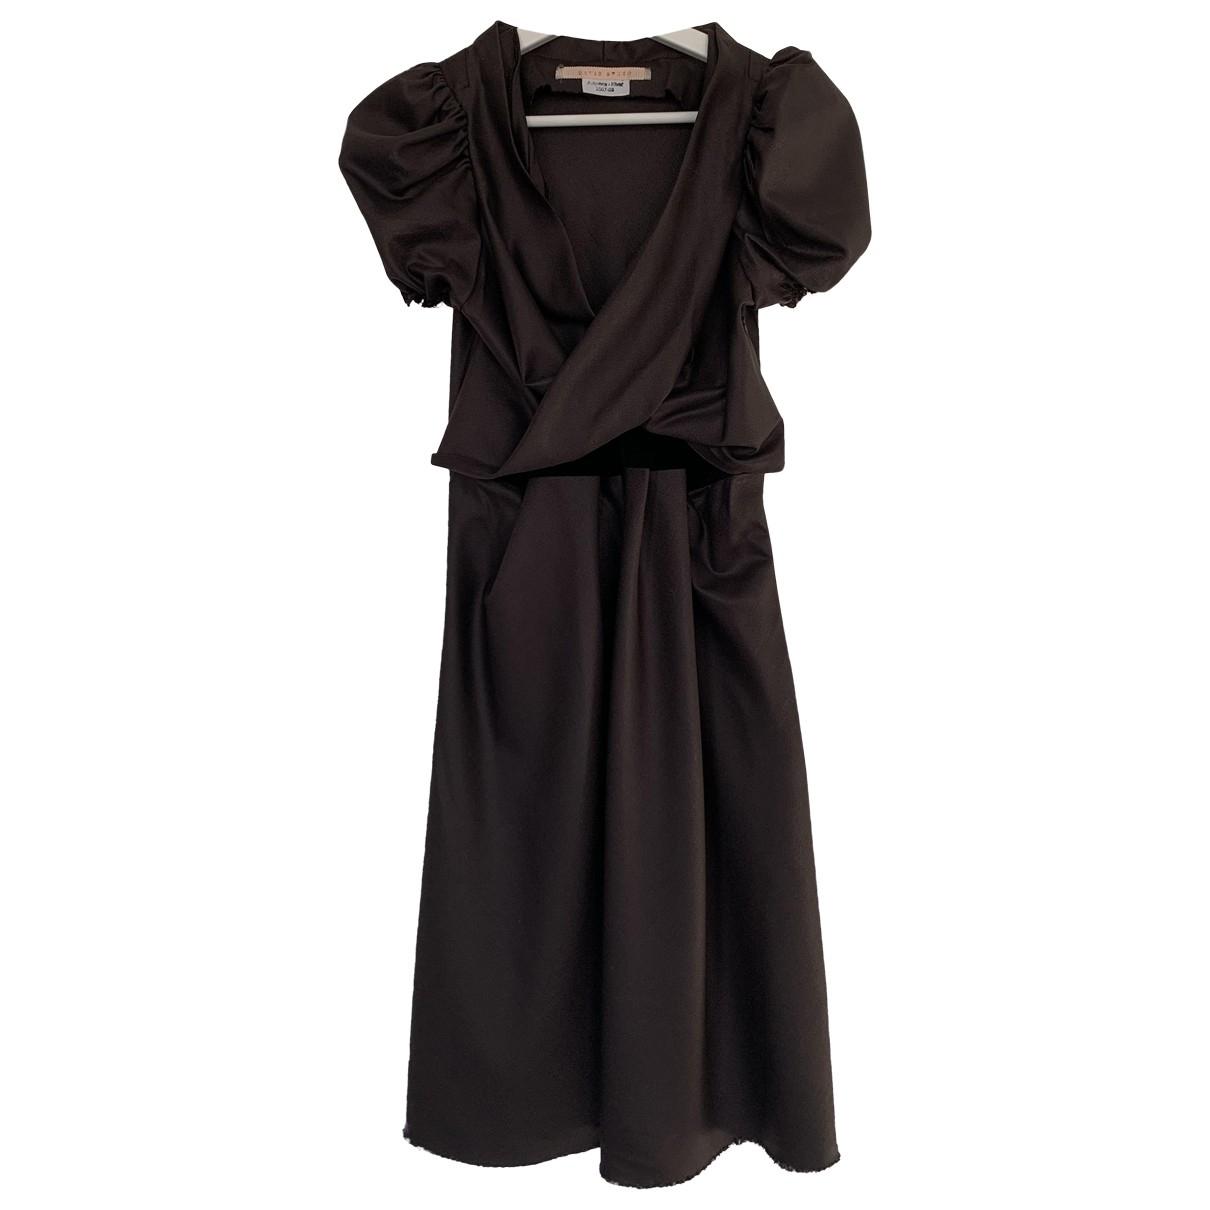 David Szeto \N Kleid in  Braun Wolle